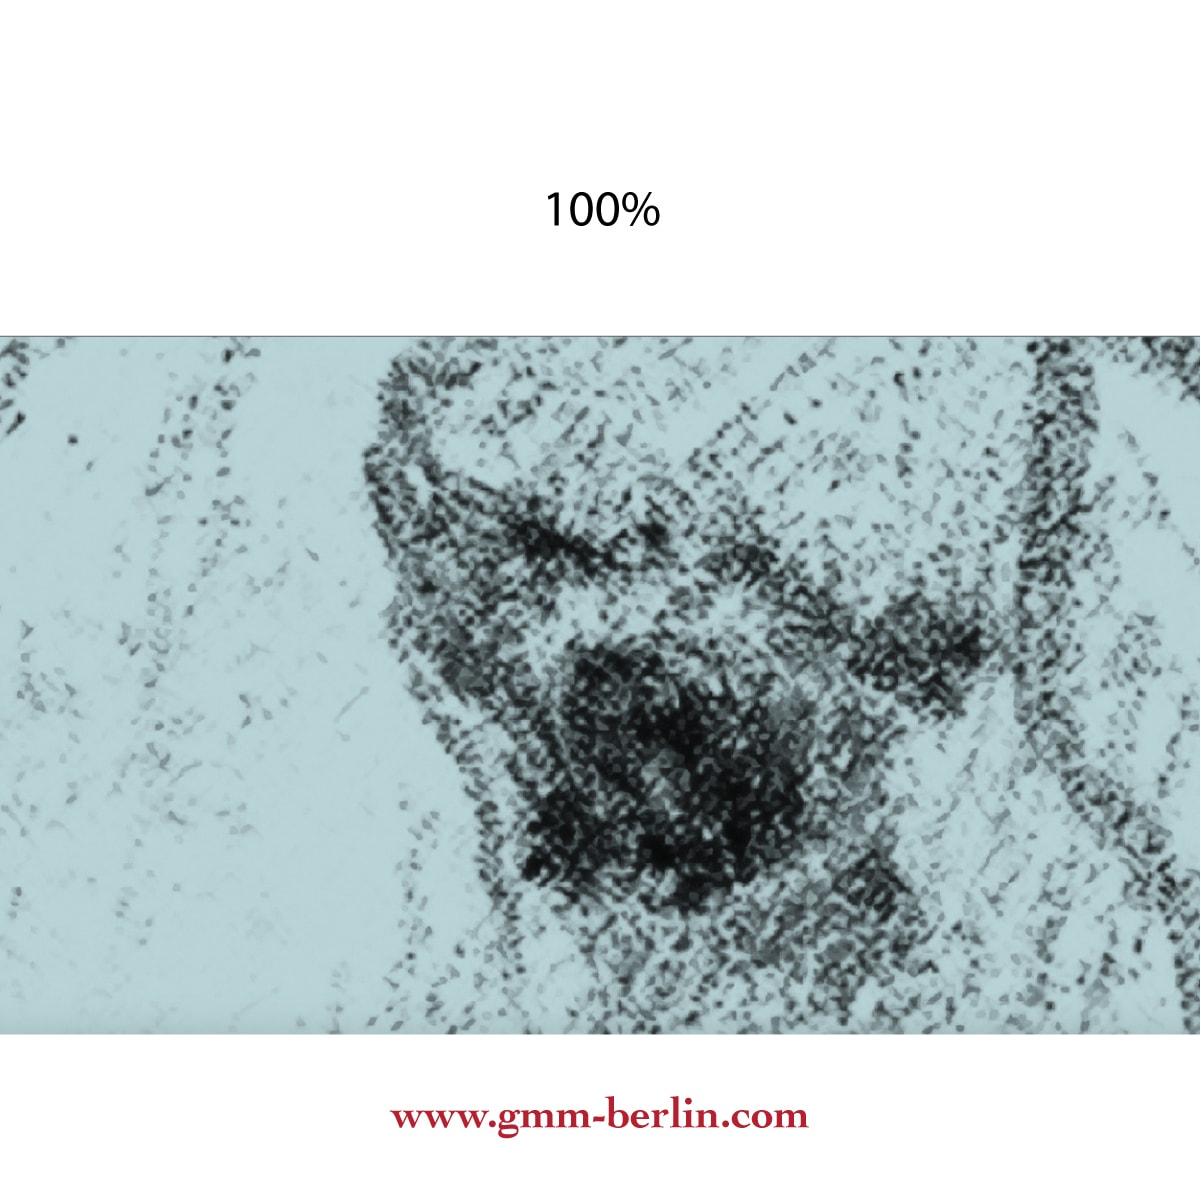 """Hellblaue Kunst Tapete """"Pferde Studien"""" nach Théodore Géricaultaus dem GMM-BERLIN.com Sortiment: beige Tapete zur Raumgestaltung: #00145 #Ambiente #flur #Grafik #interior #interiordesign #Kunst #schlafzimmer #Wohnzimmer für individuelles Interiordesign"""